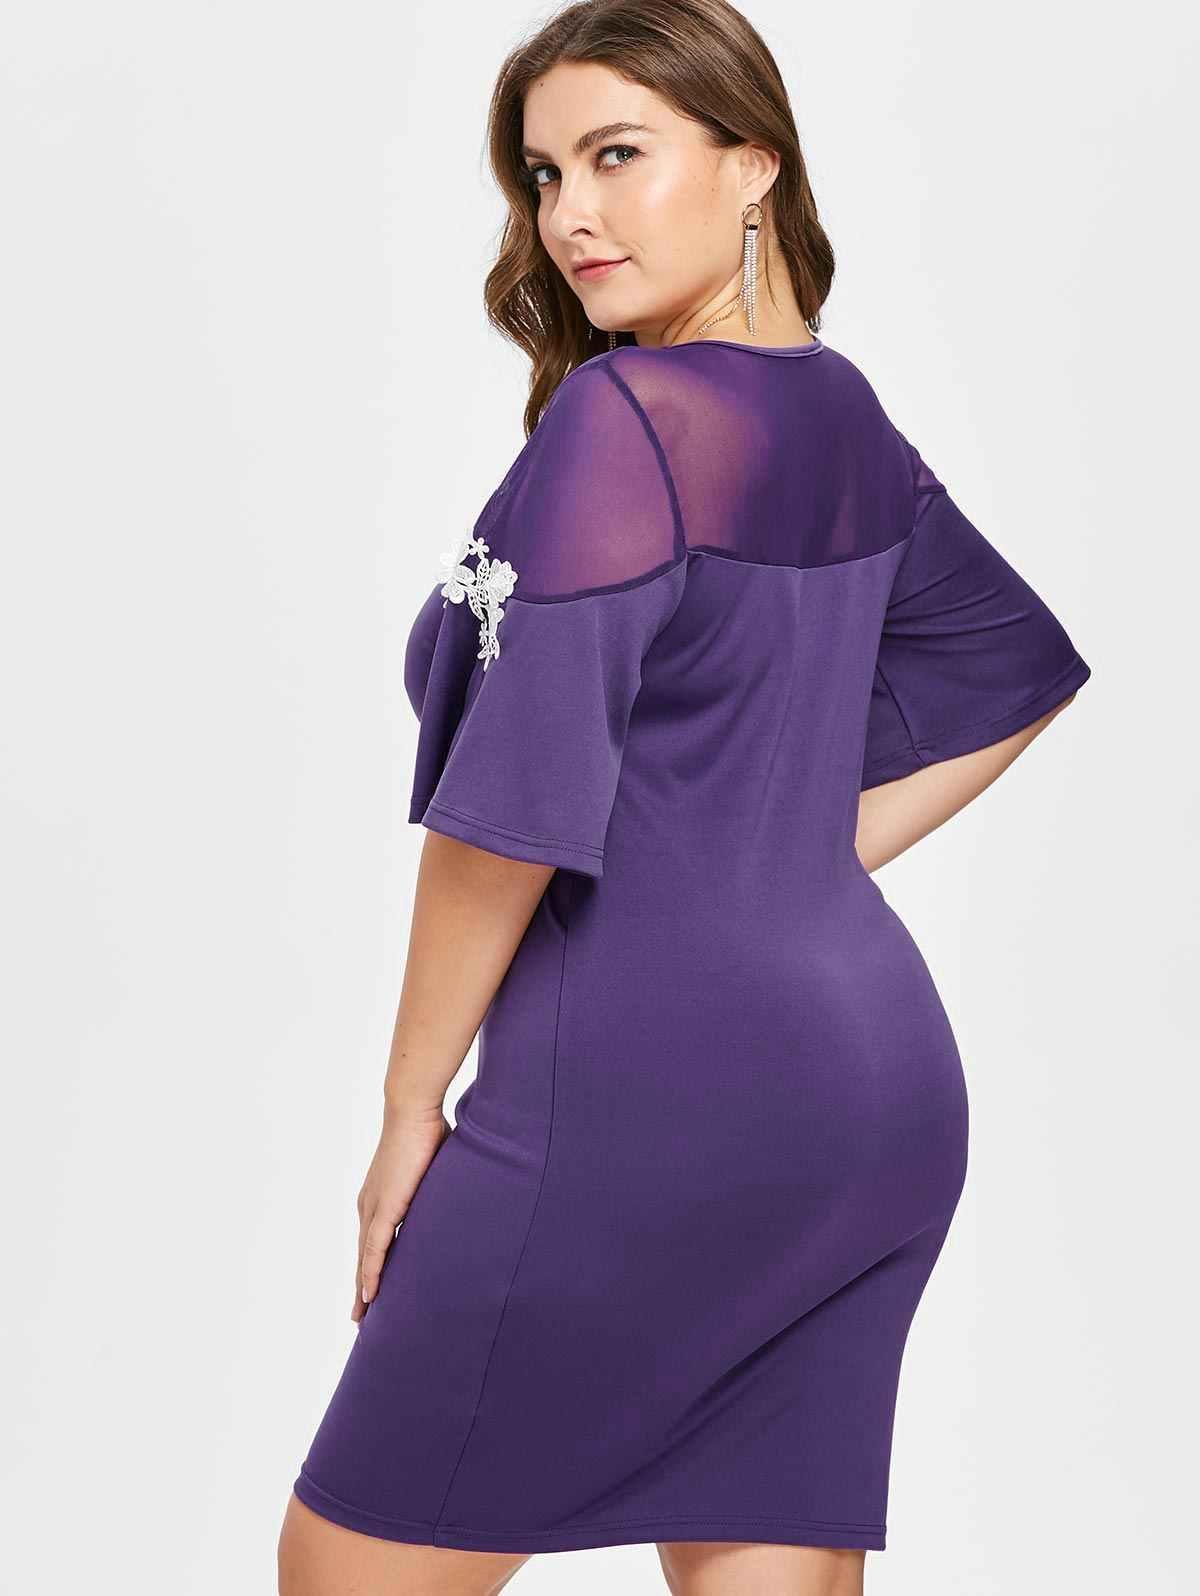 Wisalo женское плюс размер 5XL аппликация рукав колокол приталенное платье с v-образным вырезом с коротким рукавом повседневное однотонное облегающее платье вечерние платья